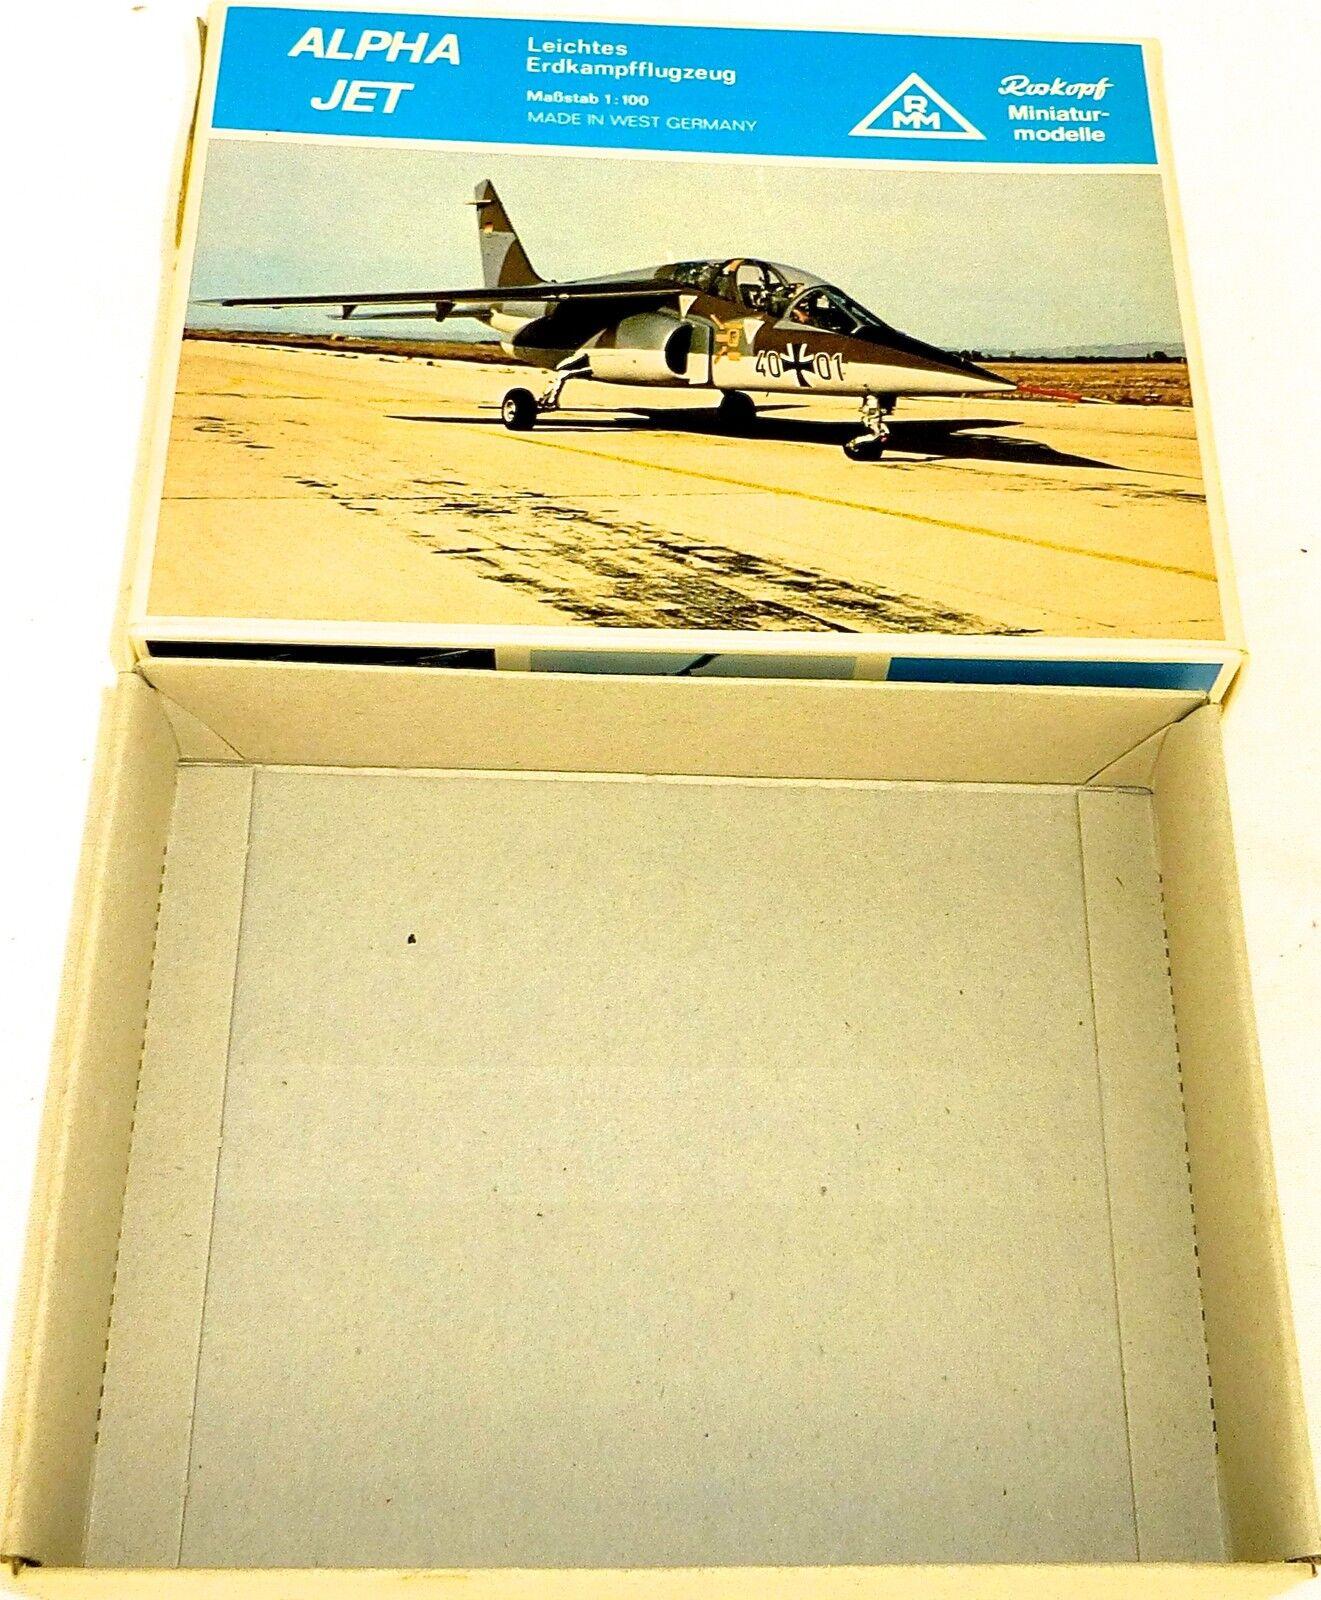 más vendido Alpha Chorro Erdkampfflugzeug Roskopf 55 Sólo el Vacio Vacio Vacio Cochetón Caja Vacía HQ4 Å  ahorra 50% -75% de descuento